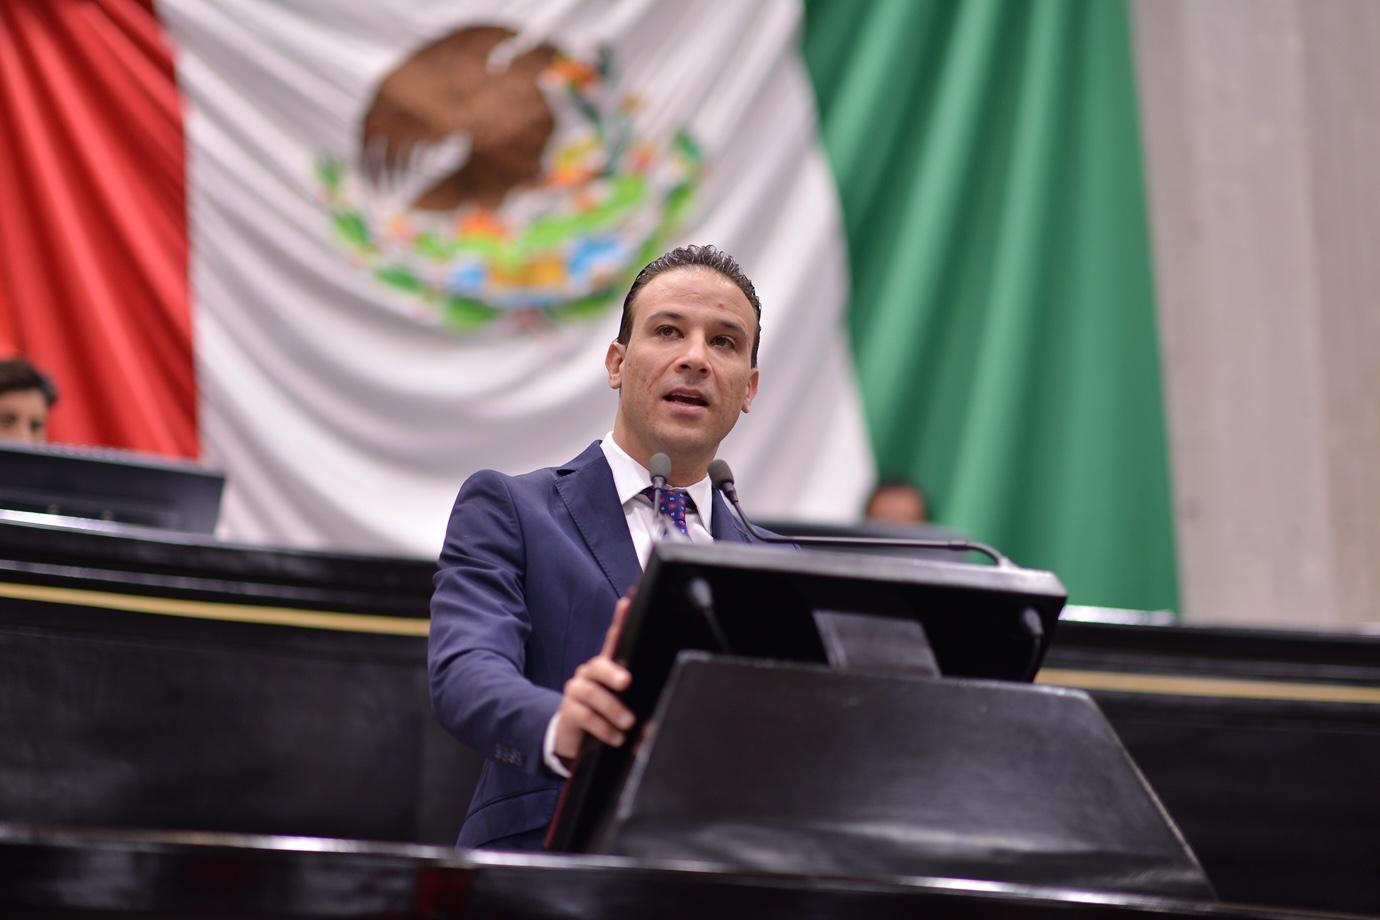 Con la fiscalización se obtendrá justicia para Veracruz: Juan Manuel de Unanue